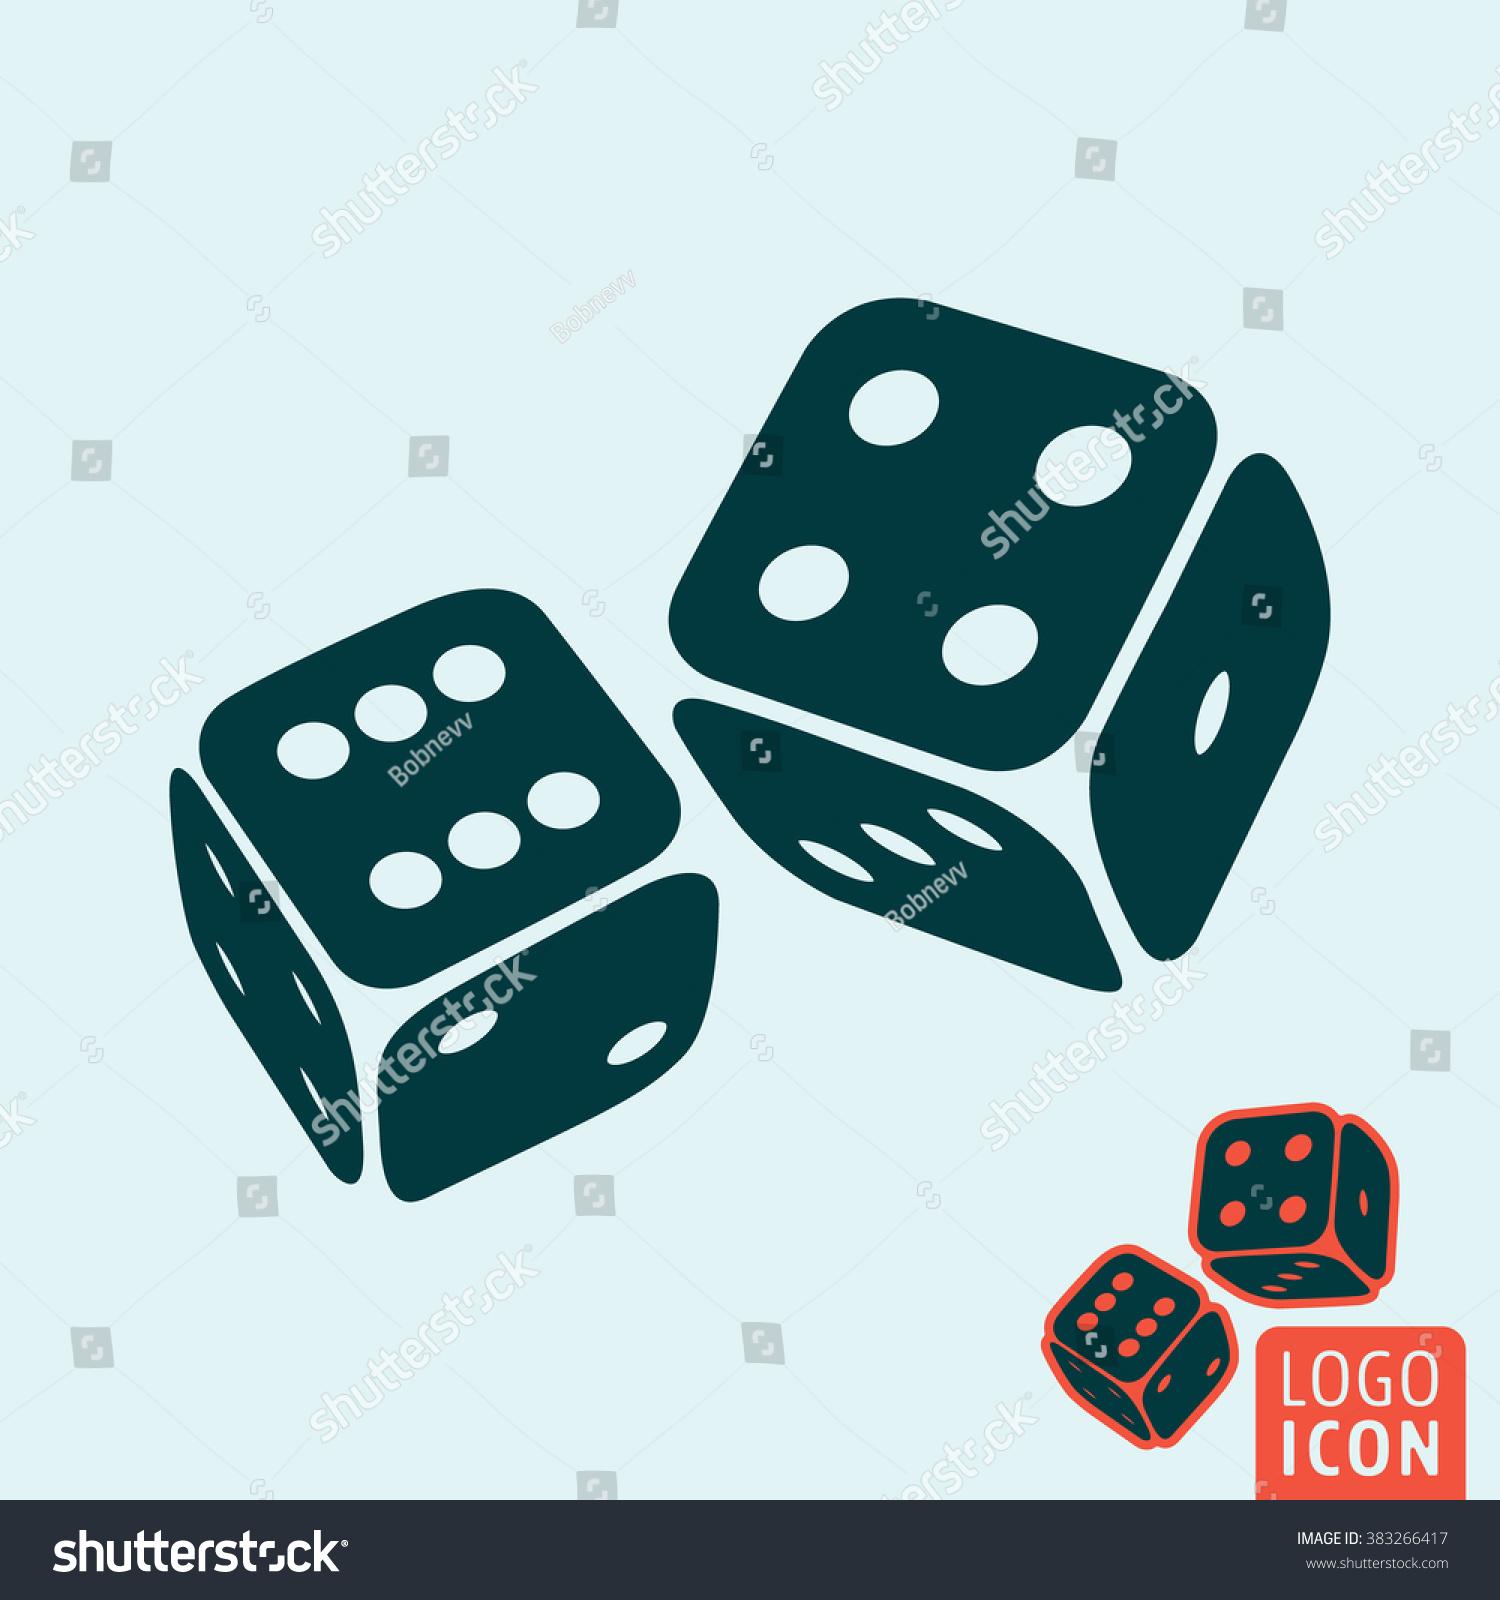 casino craps online gaming logo erstellen